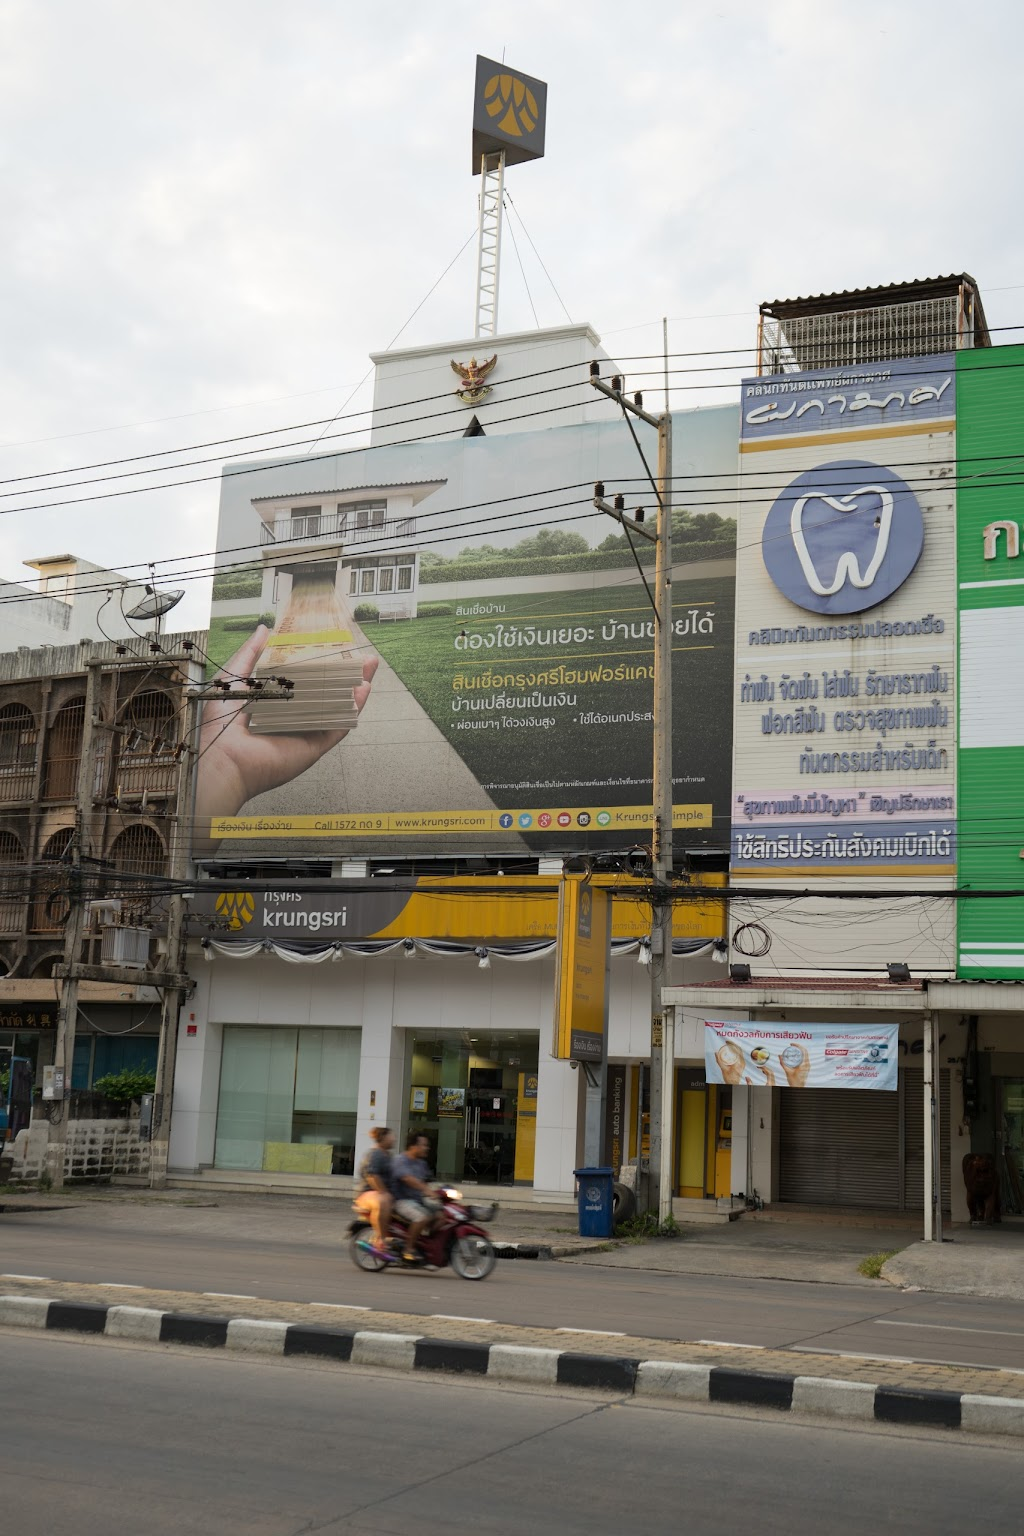 ธนาคารกรุงศรีอยุธยา สาขาปทุมธานี, ปทุมธานี — 26/9-10 ถนนปทุมสัมพันธ์ ตำบล  บางปรอก อำเภอเมืองปทุมธานี ปทุมธานี 12000 ประเทศไทย, โทรศัพท์ 02 581 3908,  เวลาเปิดทำการ